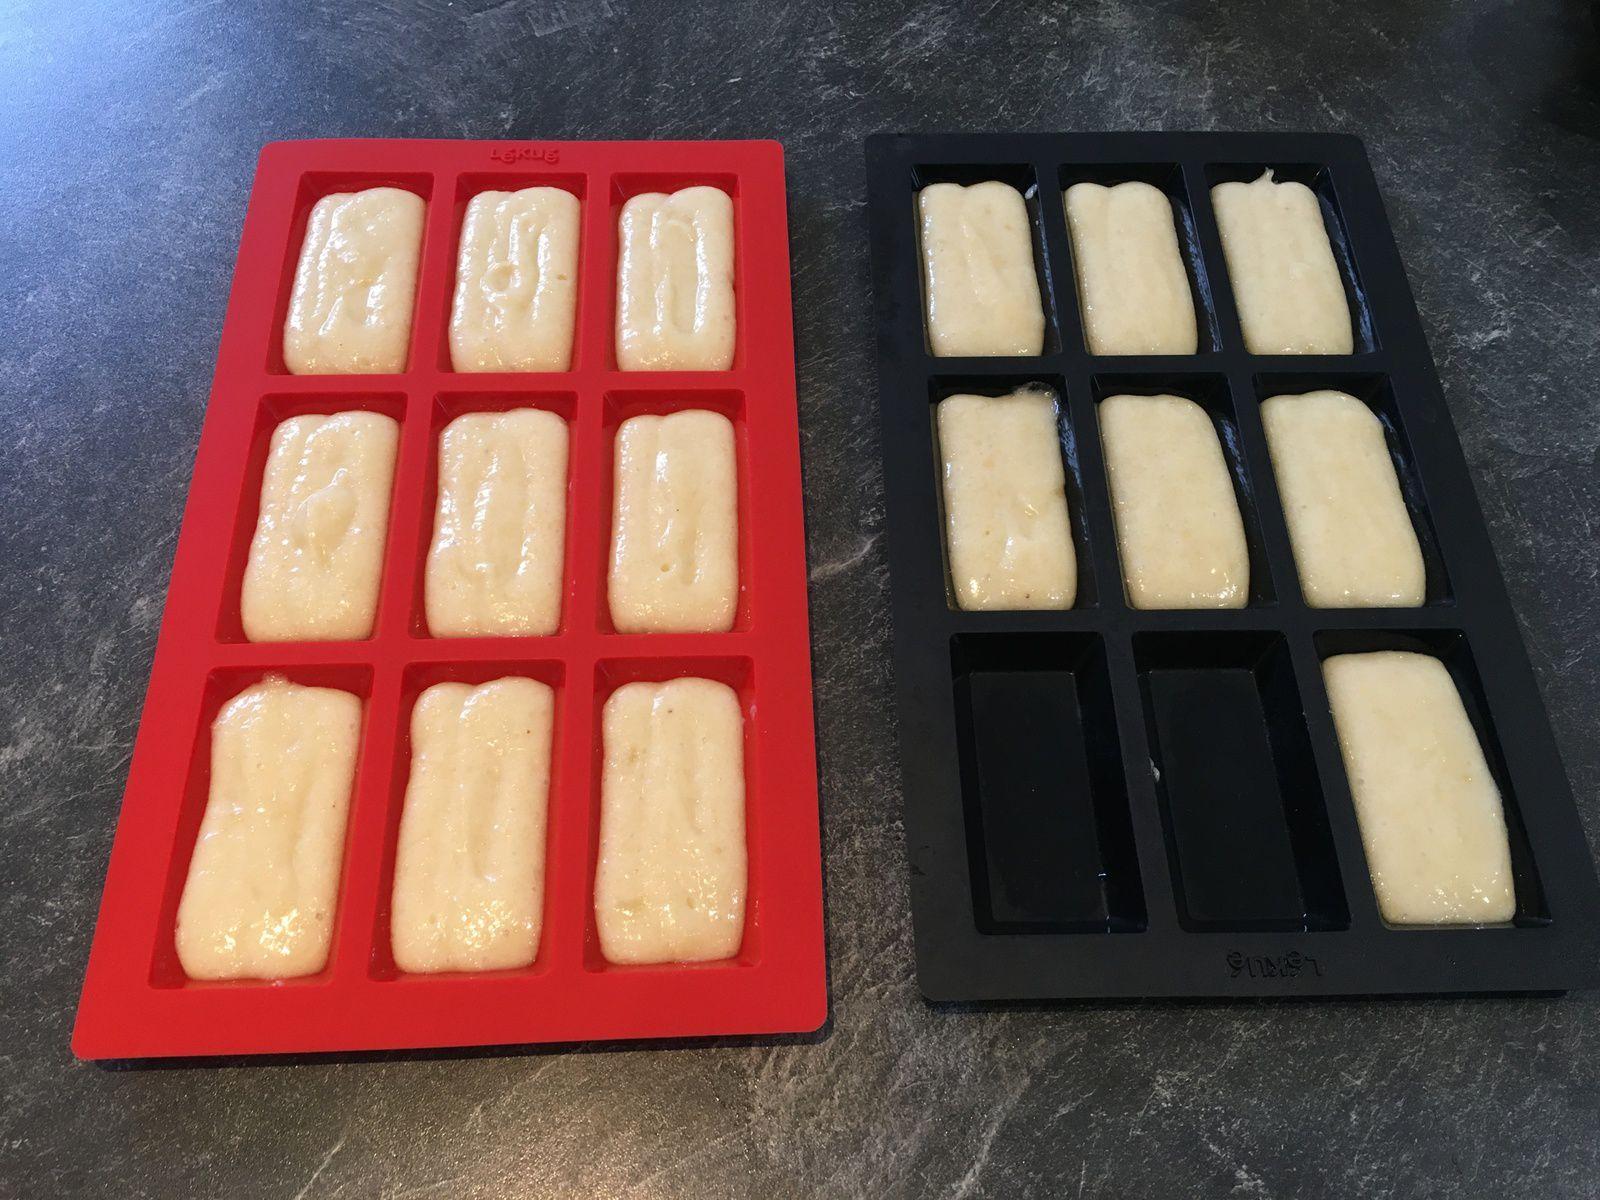 Financiers aux amandes (2 toppings au choix) - recycler des blancs d'oeuf